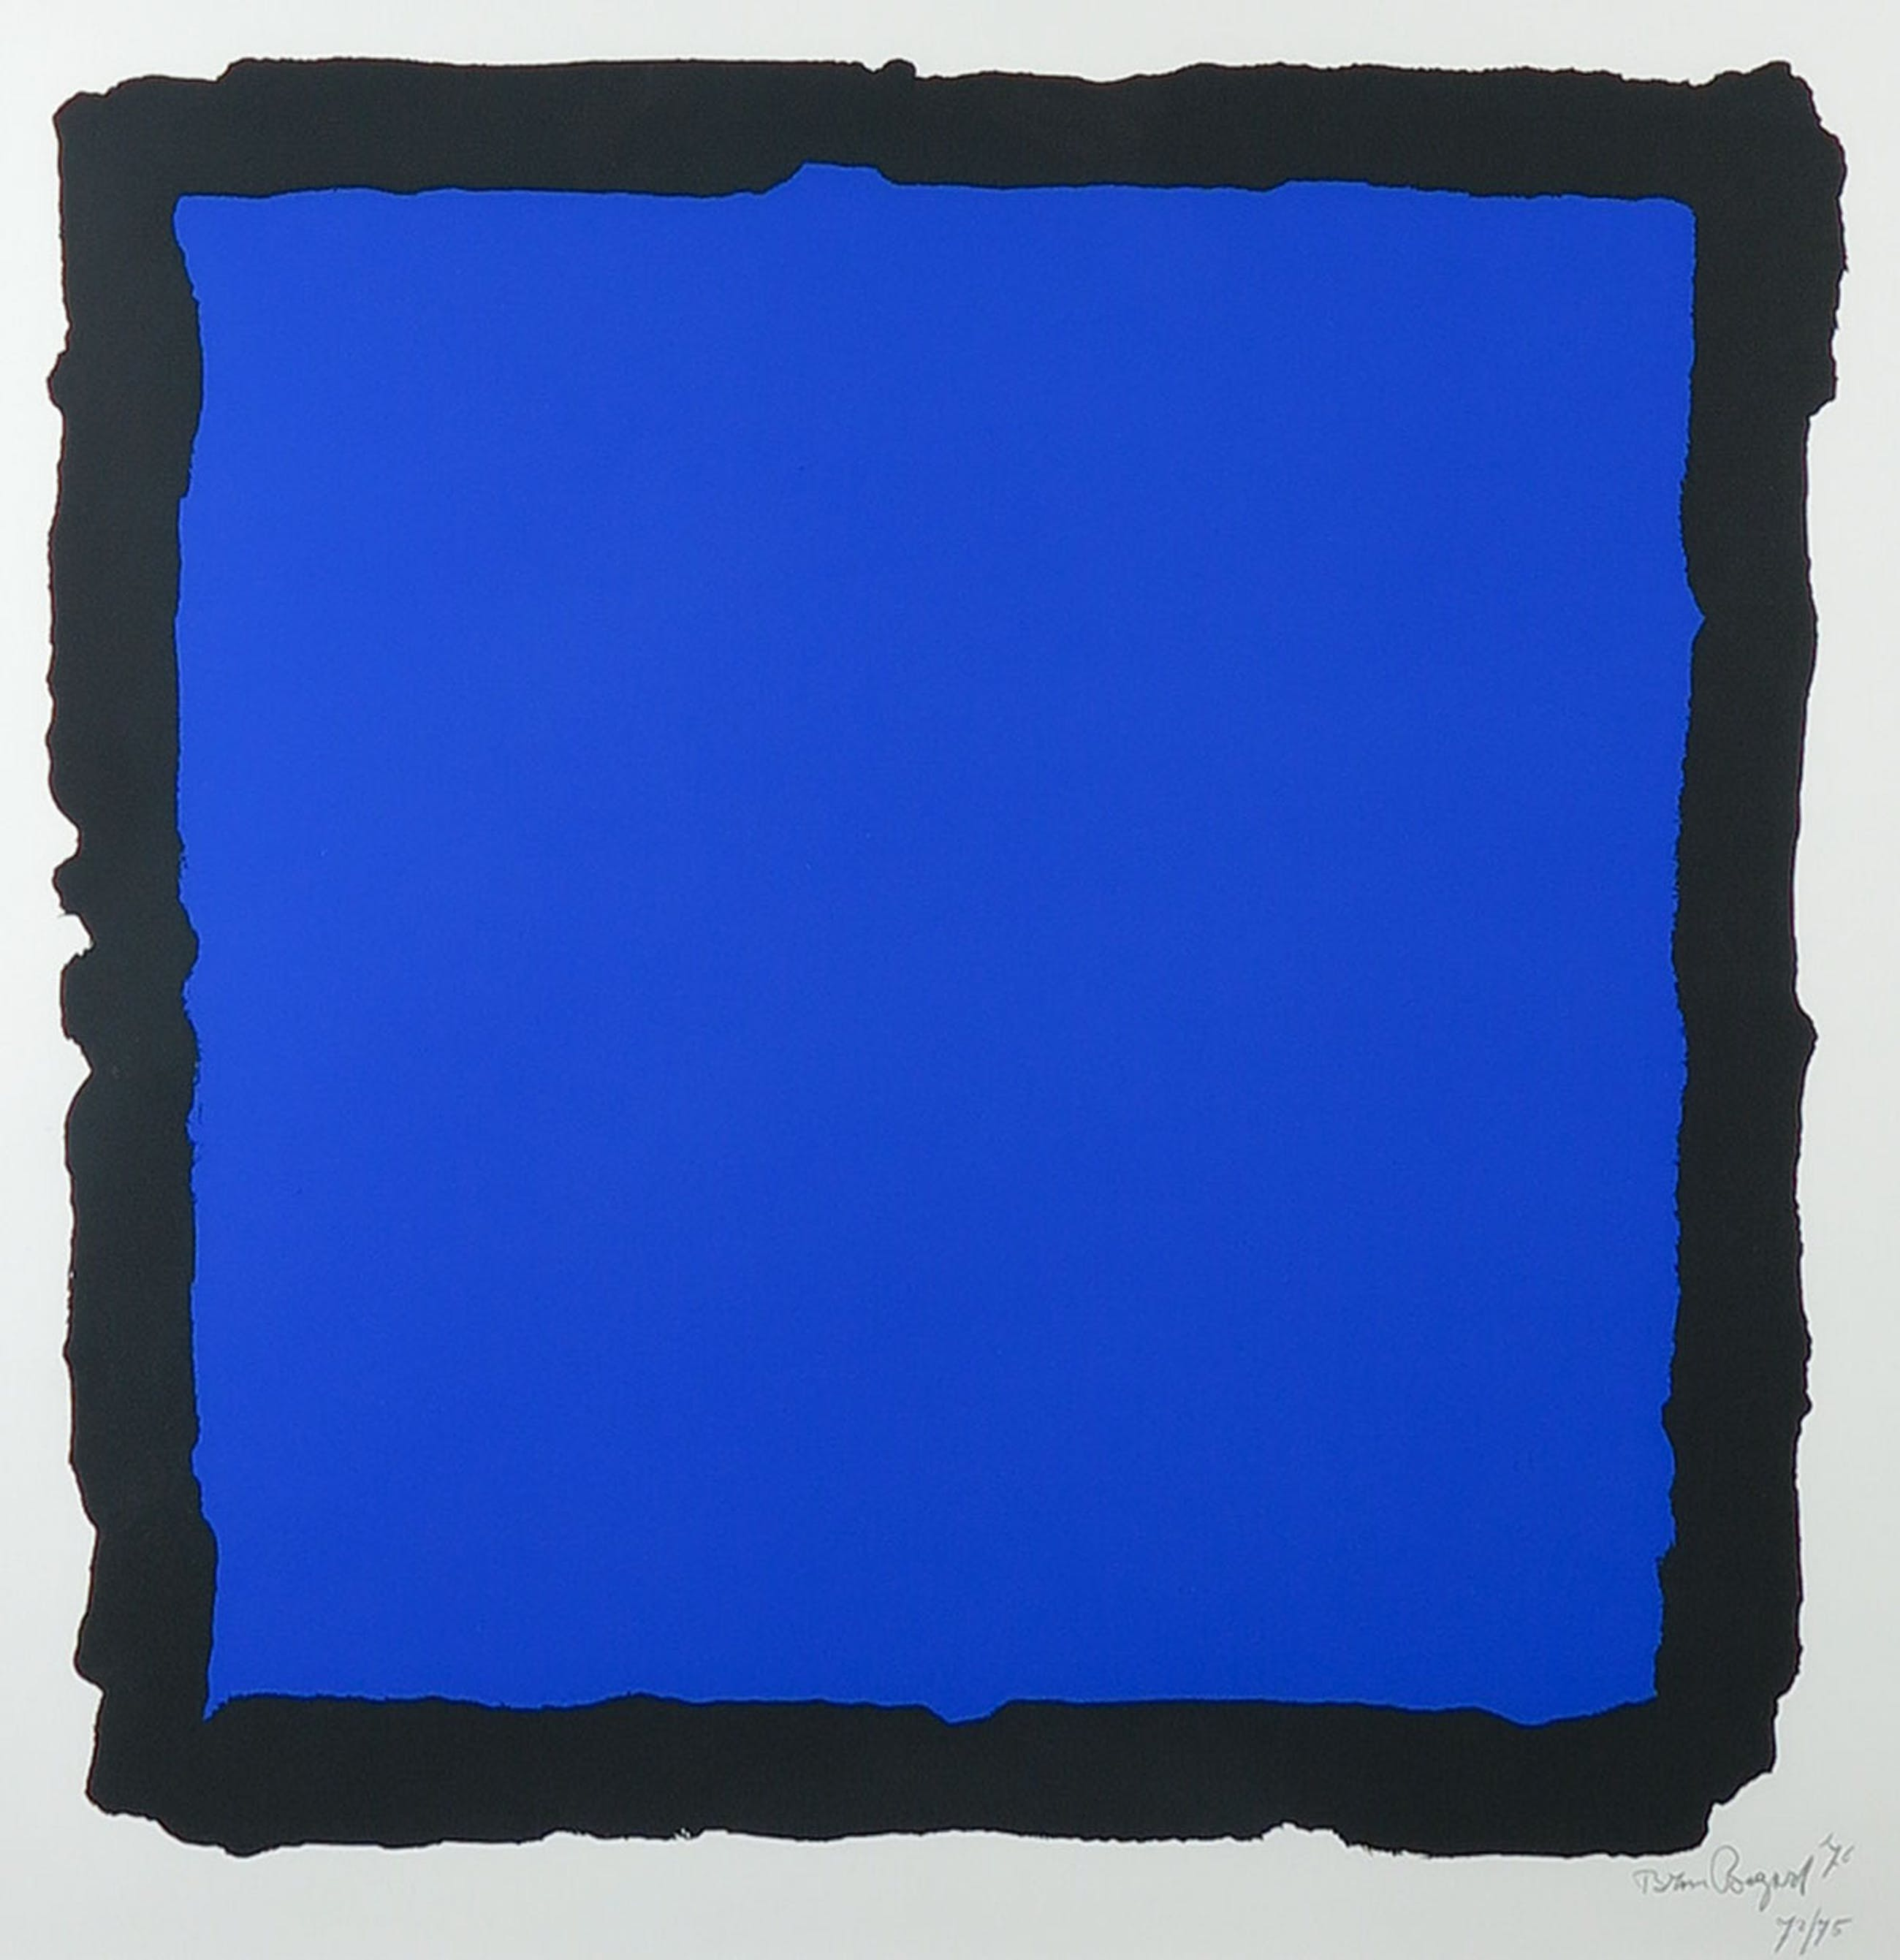 Bram Bogart - Zeefdruk, Z.T. Compositie in blauw en zwart - Ingelijst kopen? Bied vanaf 1!